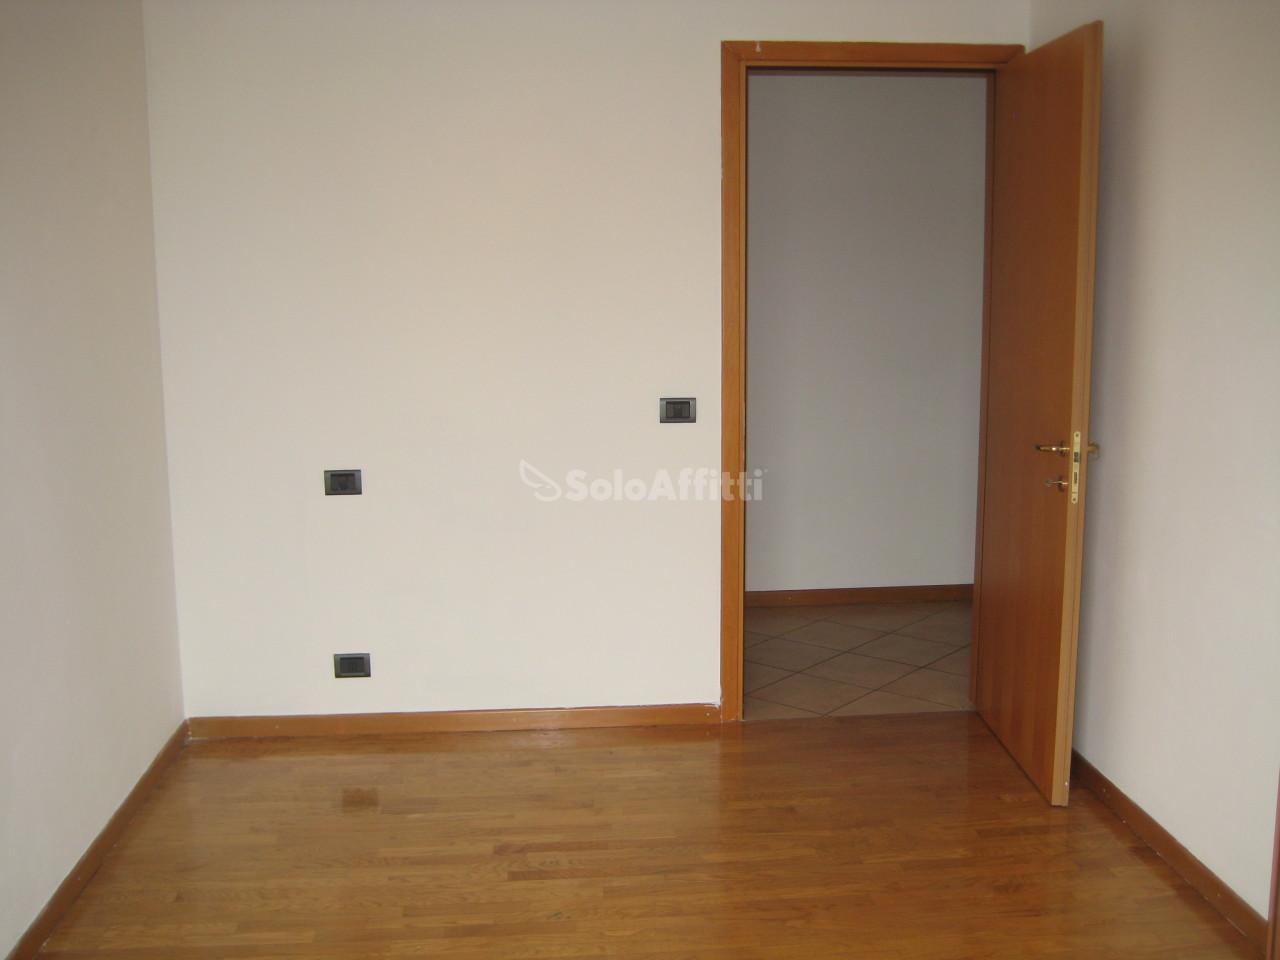 appartamento trilocale in affitto a bomporto sorbara